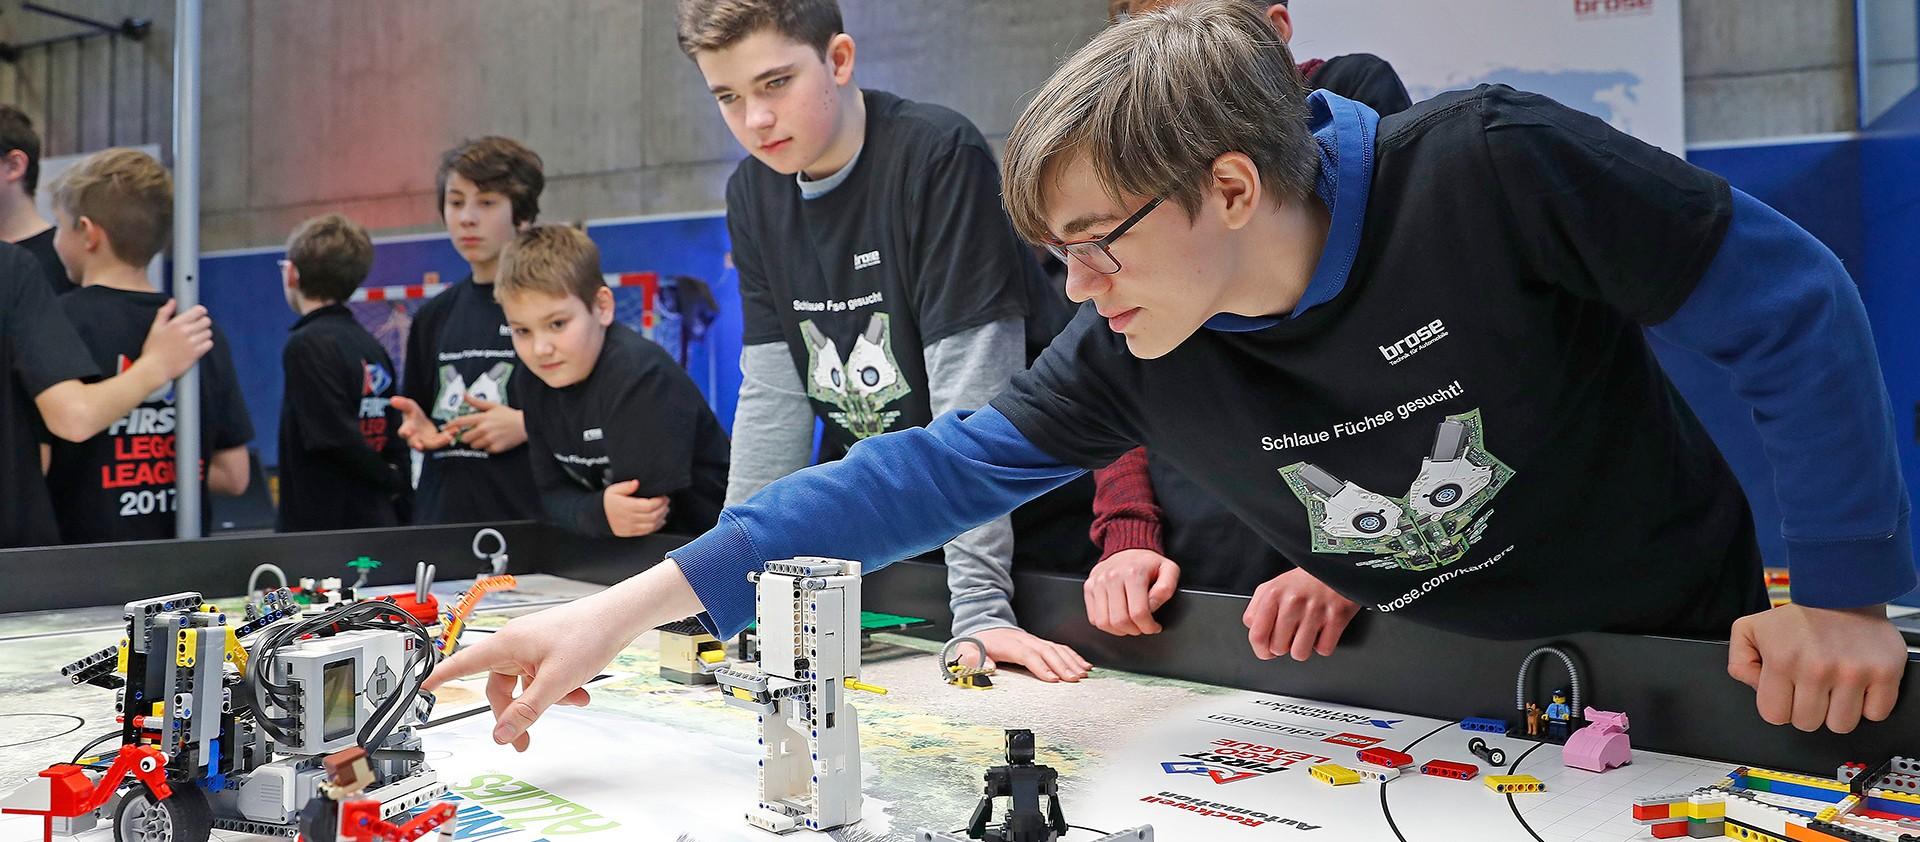 Brose-Wettstreit-der-Lego-Roboter-in-Wuerzburg-2017_presse_xl_19202